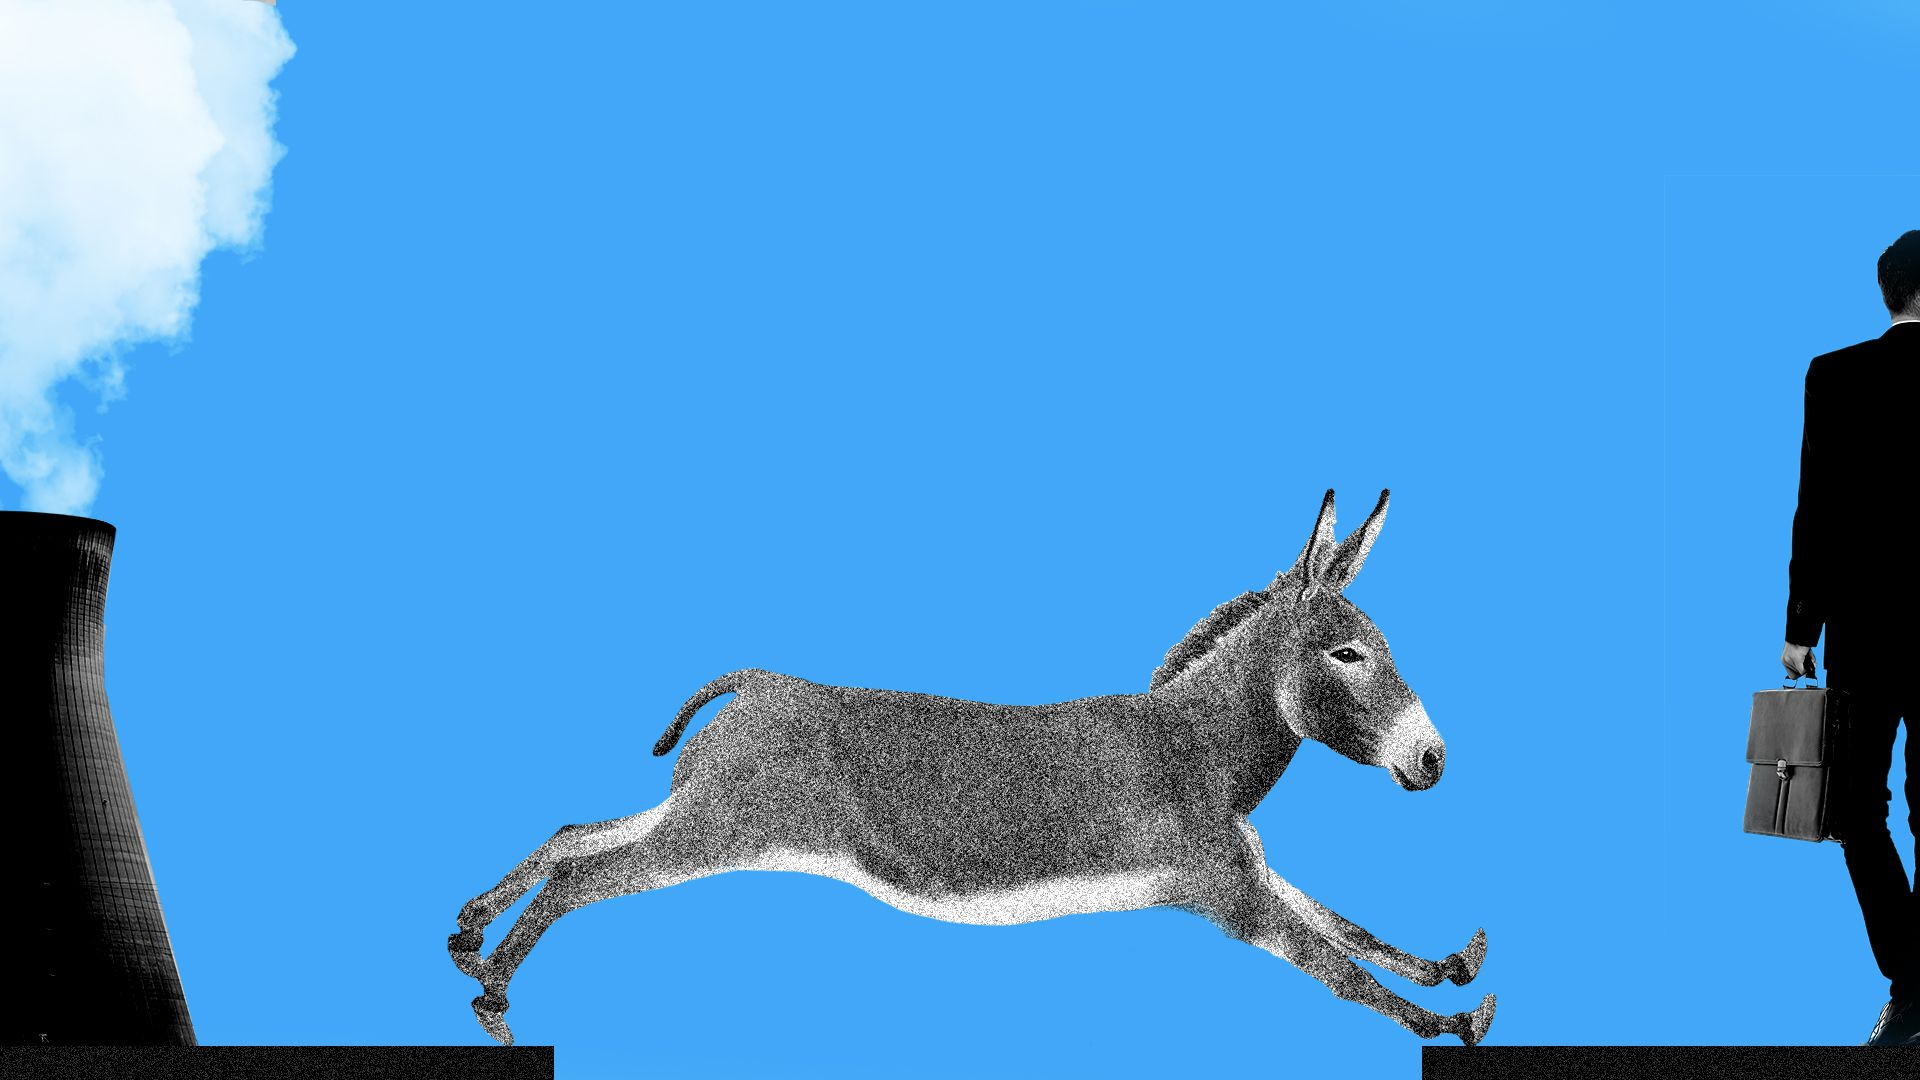 Donkey climate change